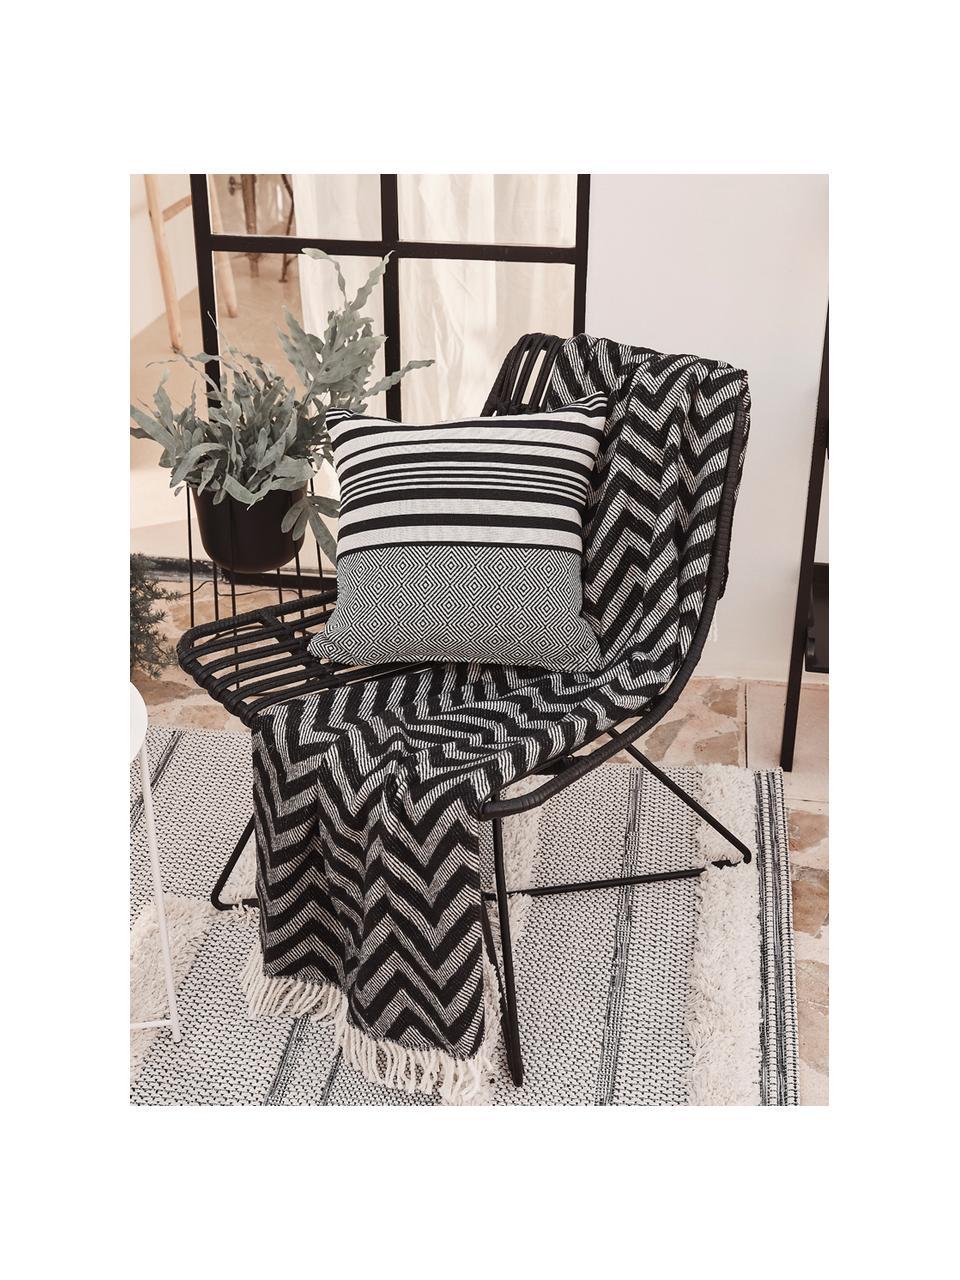 Polyratten-Loungesessel Costa in Schwarz, Sitzfläche: Polyethylen-Geflecht, Gestell: Metall, pulverbeschichtet, Schwarz, Schwarz, B 64 x T 64 cm